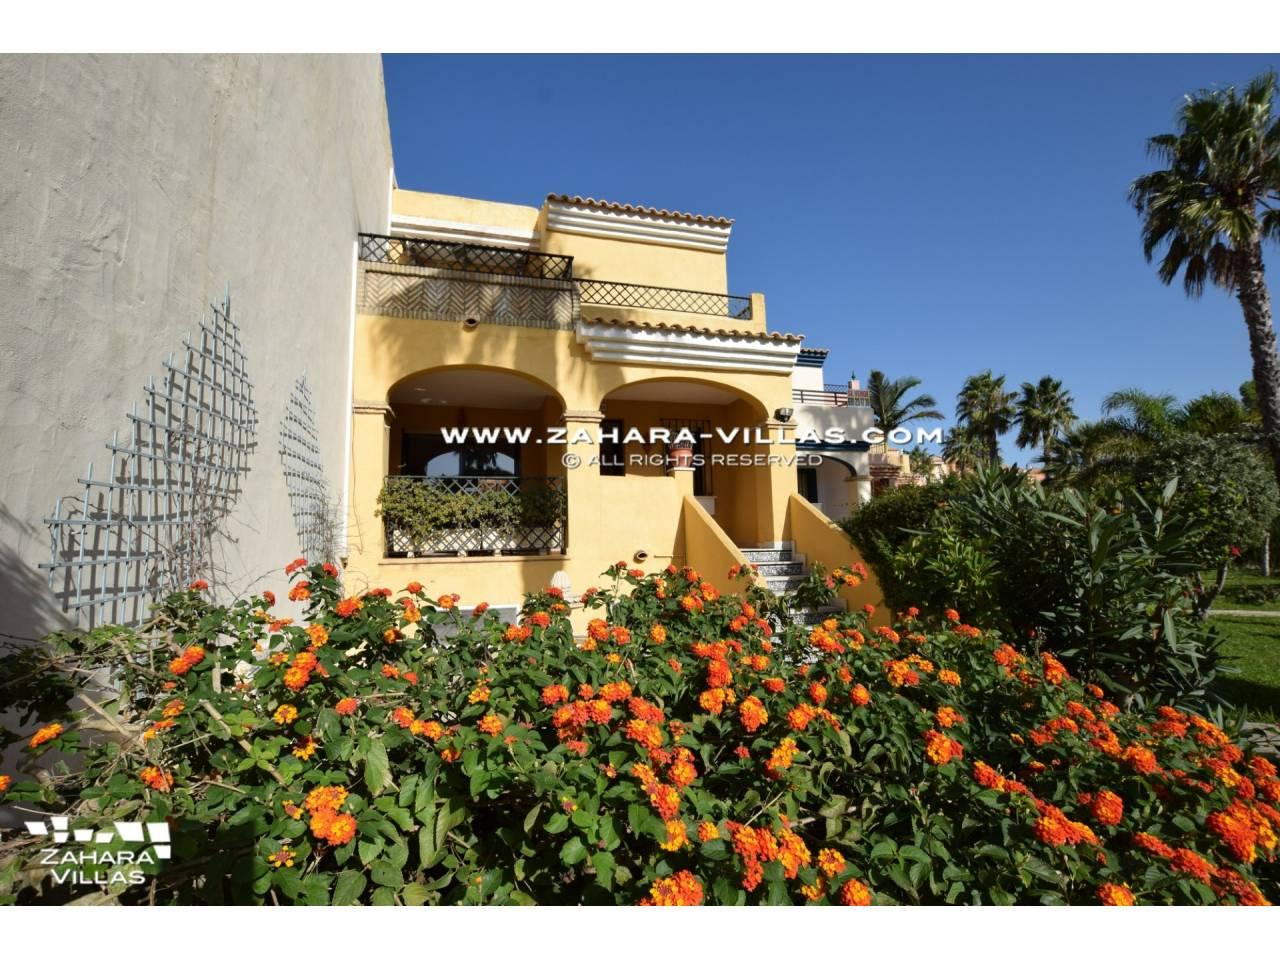 Inmuebles en venta en zahara y alrededores - Jardines de zahara ...